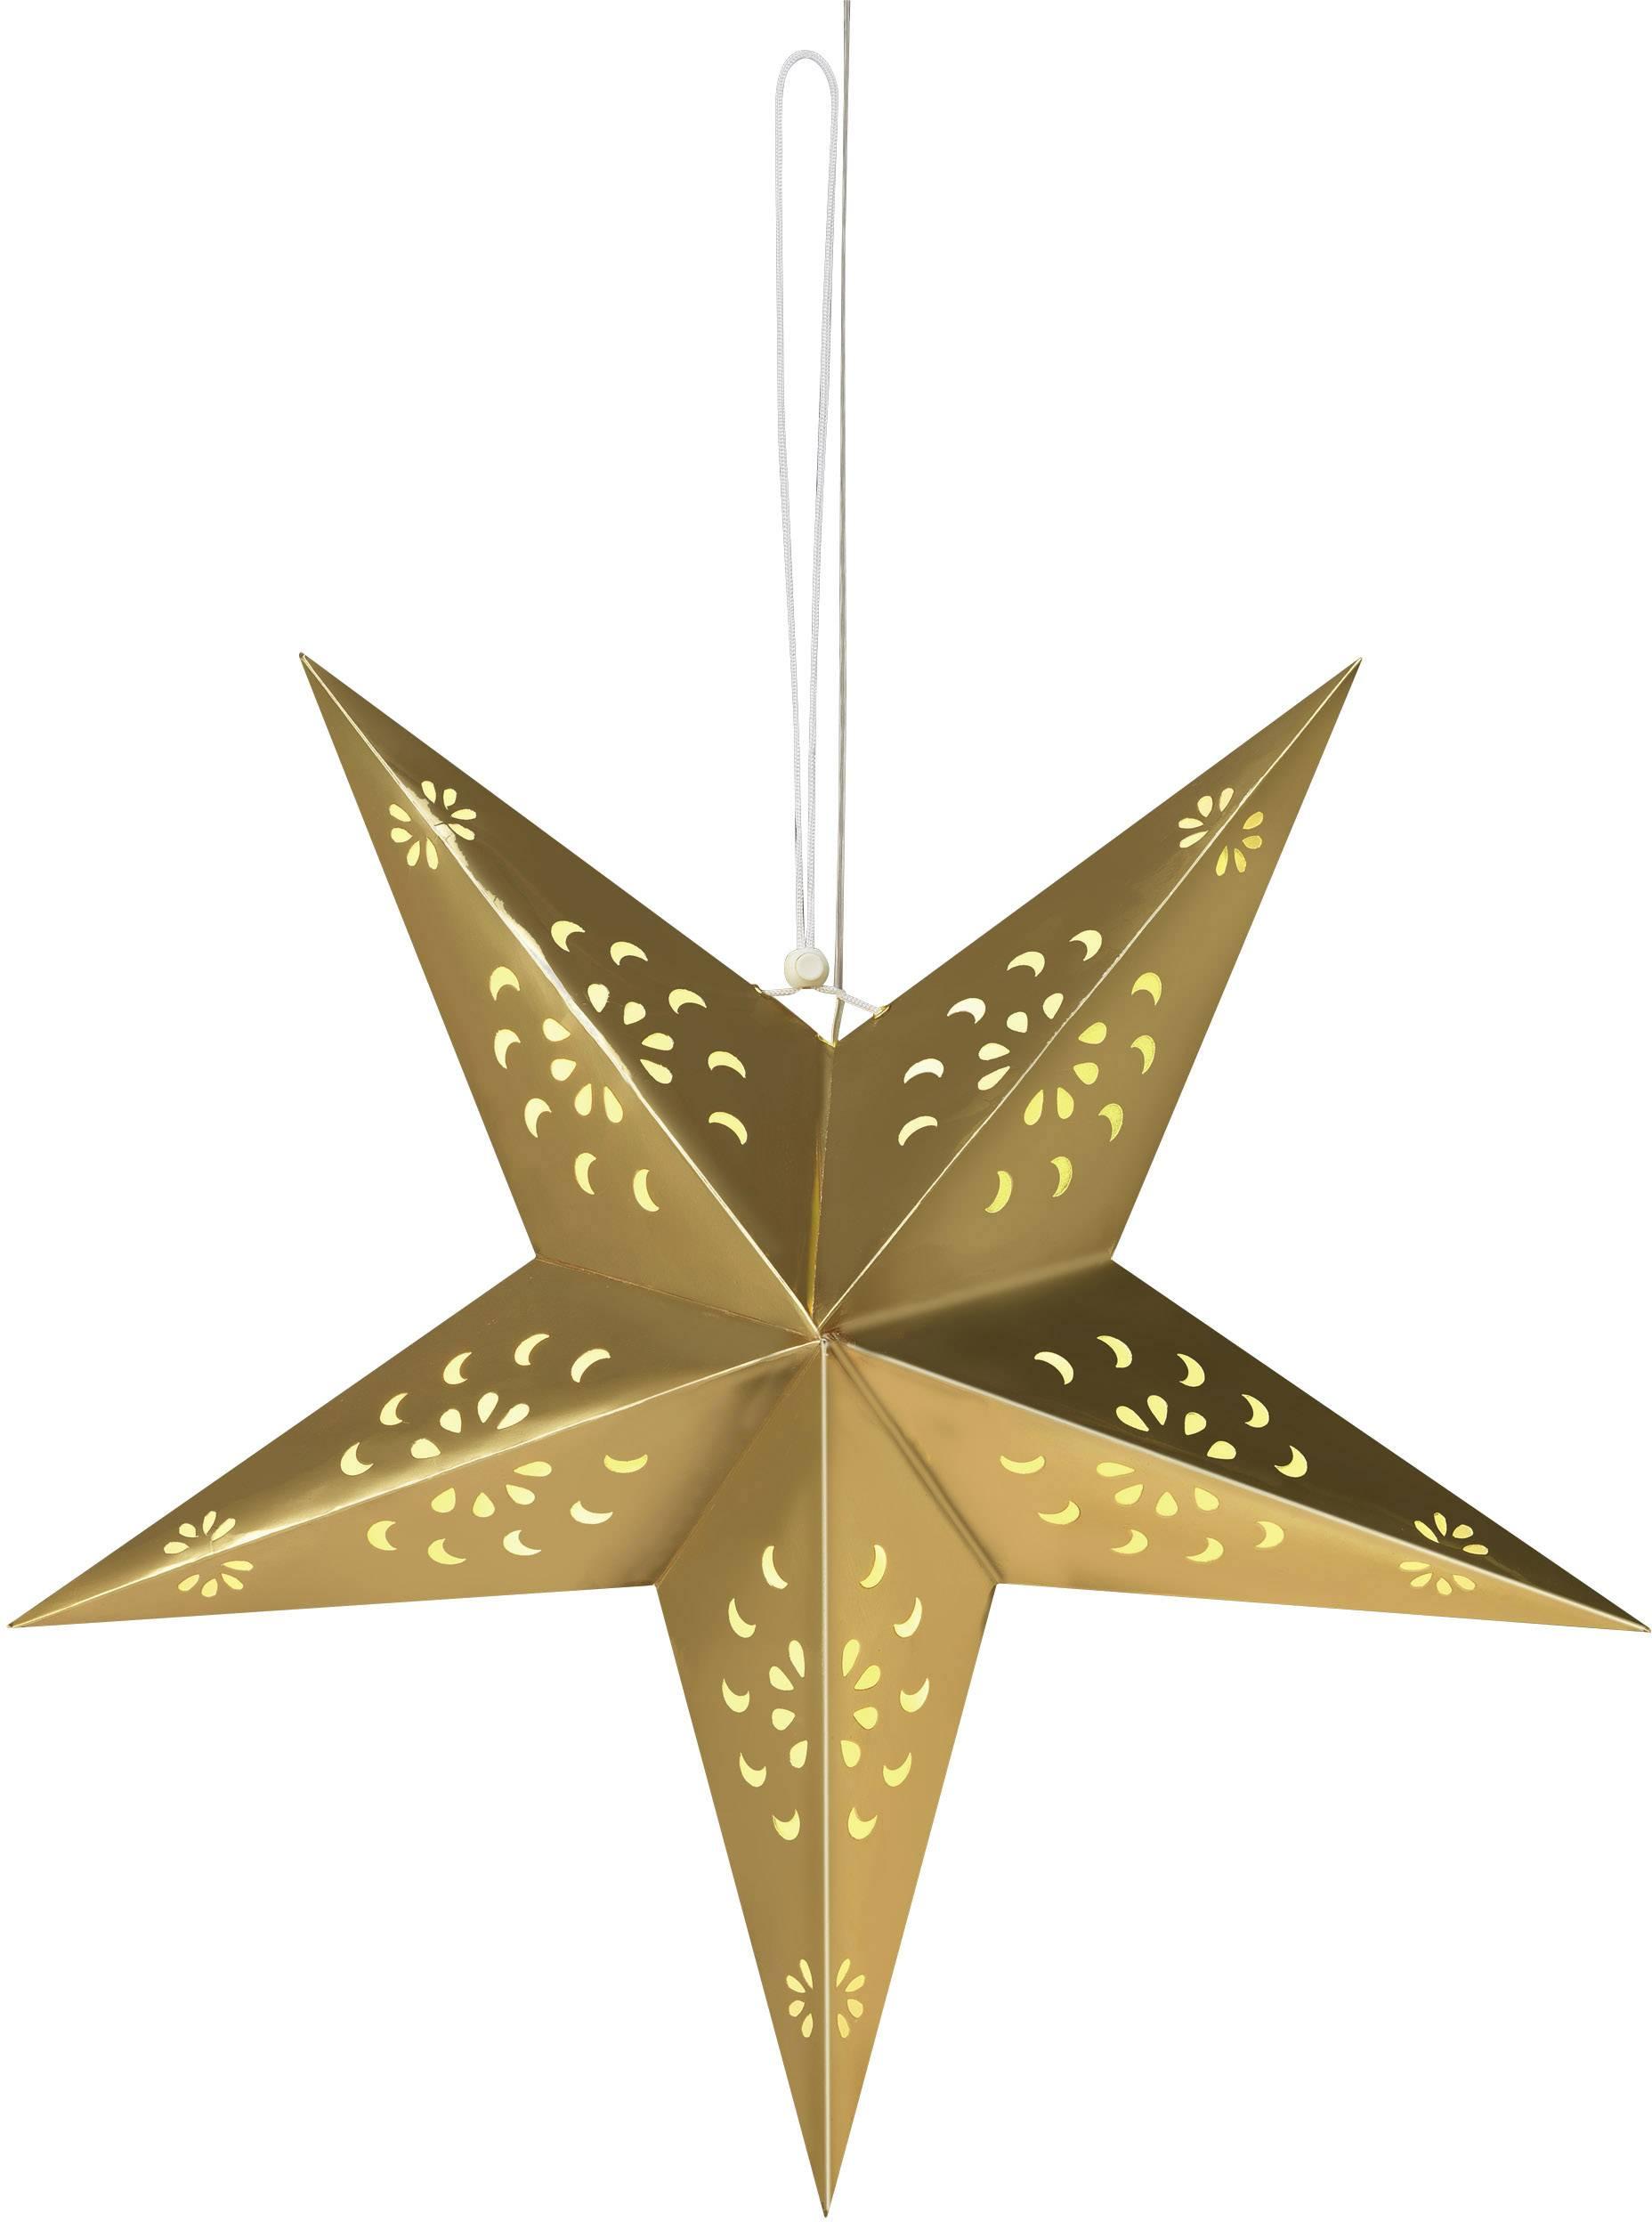 Papierové LED osvetlenie do okna Polarlite LDE-03-001, do siete, zlatá hviezda